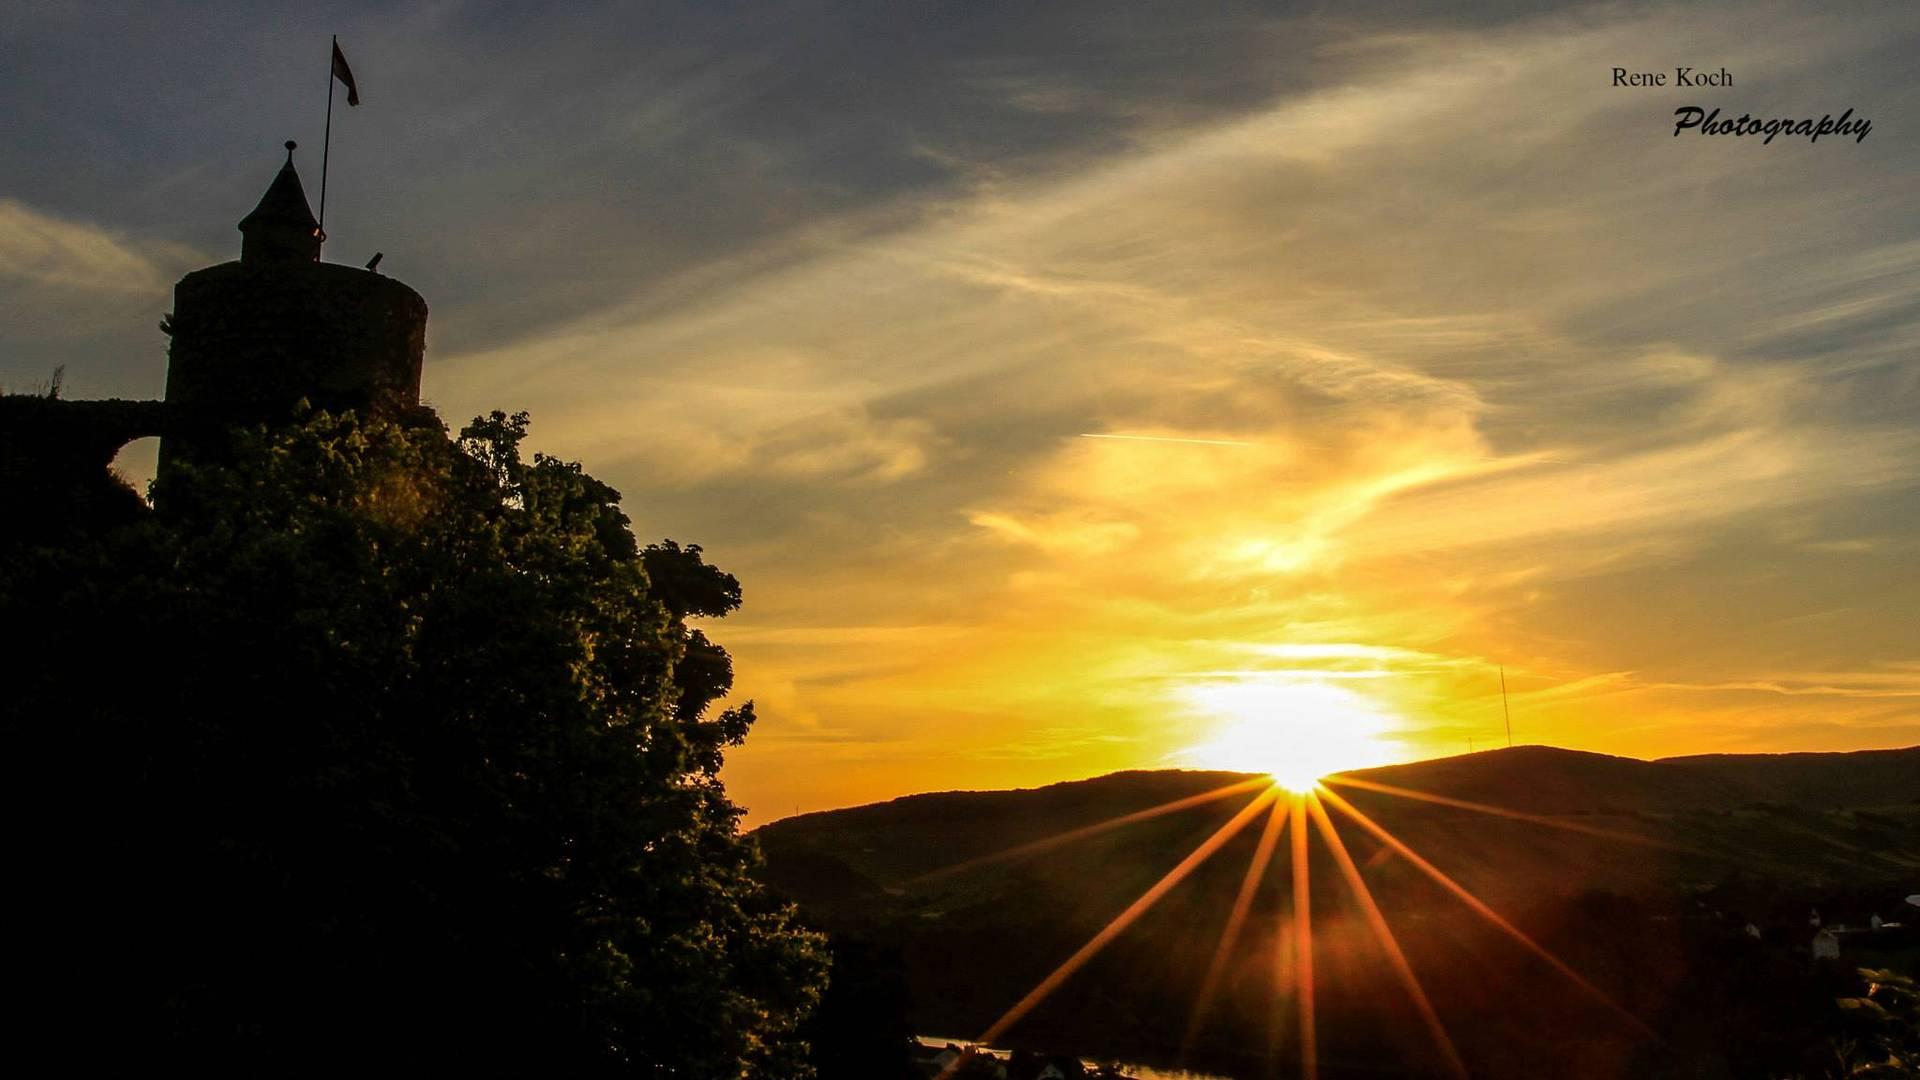 Sonnenaufgang in Saarburg